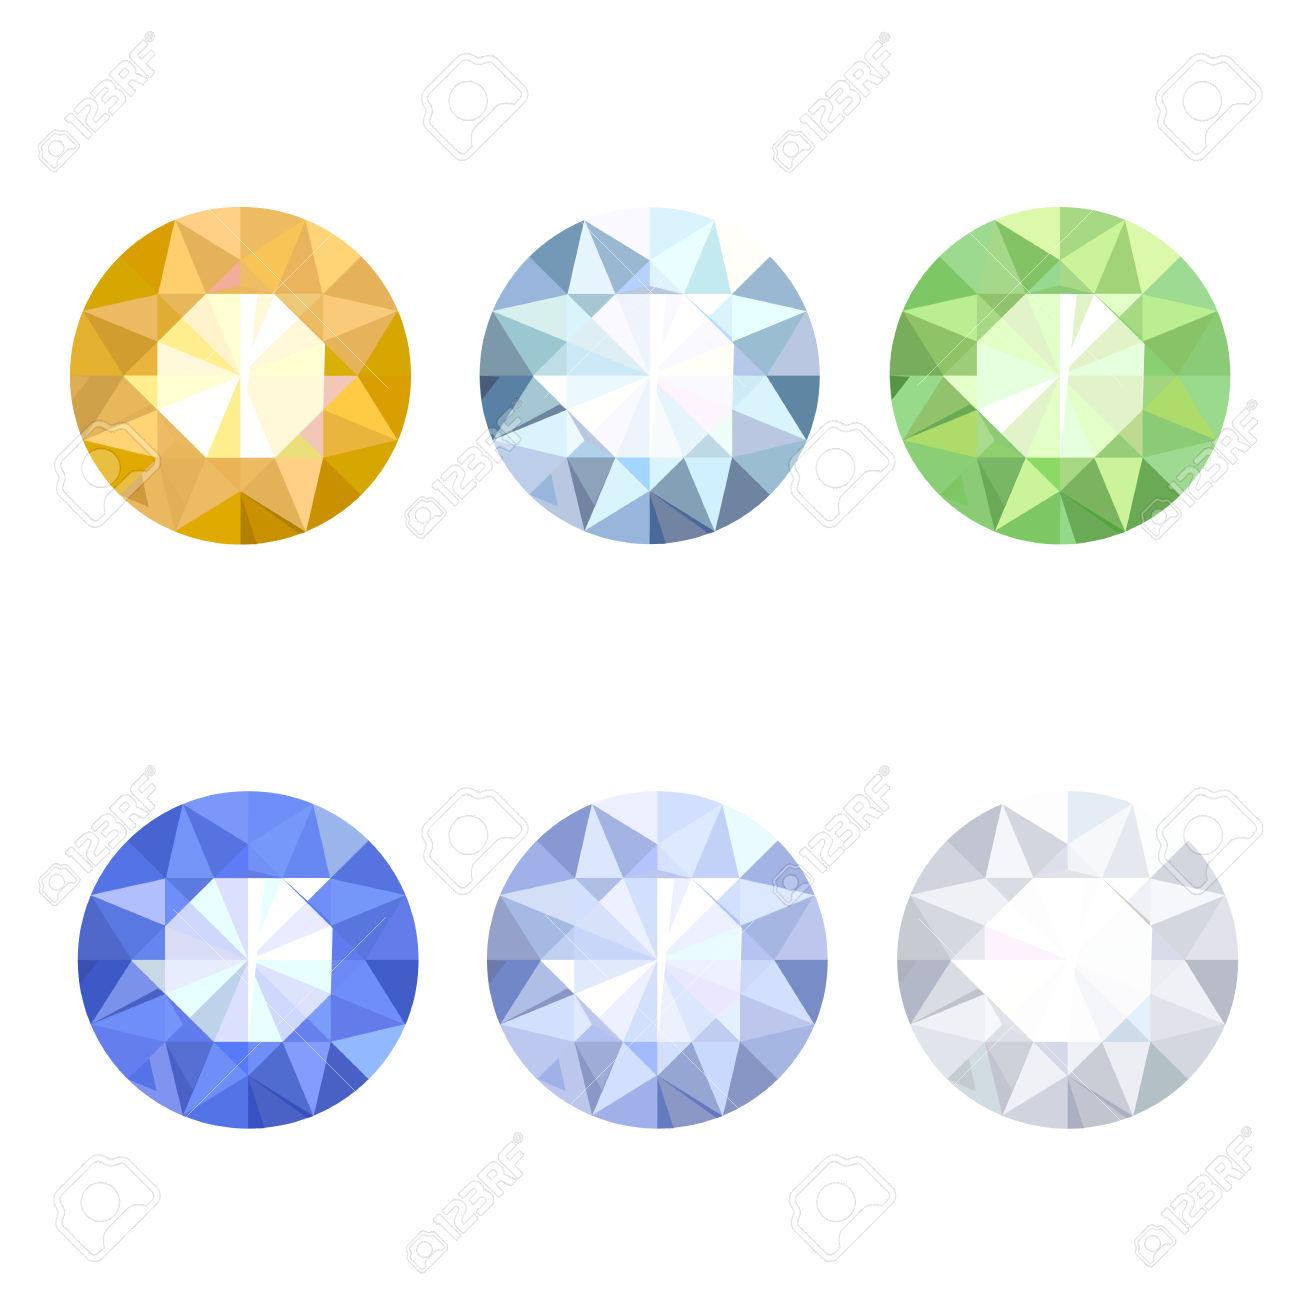 Set Di Sei Pietre Preziose: Diamanti, Topazio, Smeraldo, Zaffiro.